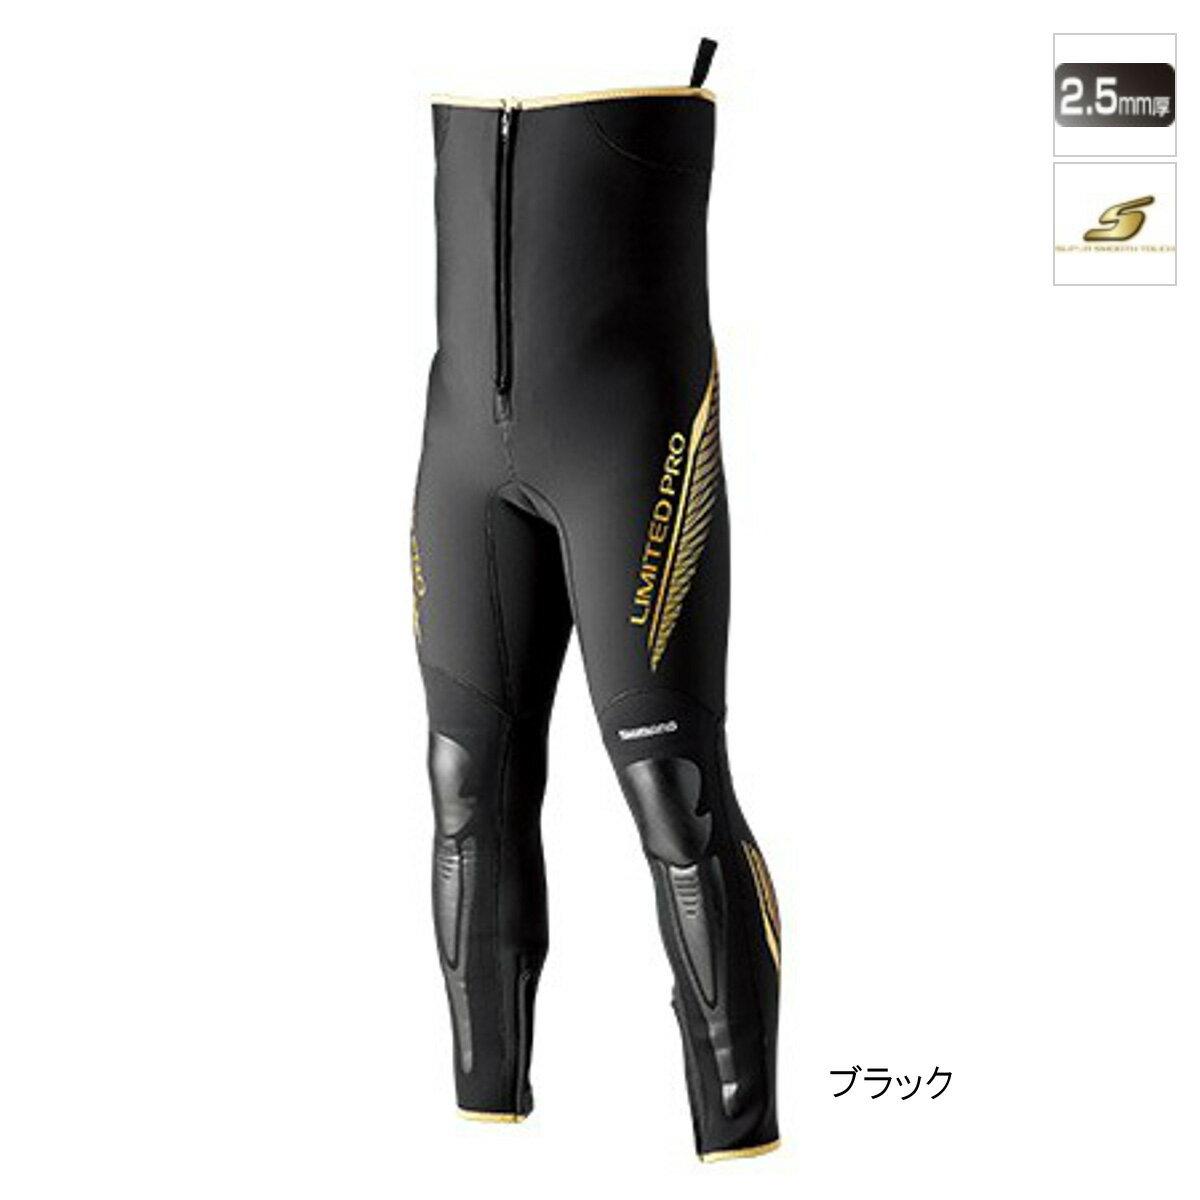 シマノ タイツリミテッドプロ FI-011S 3LB ブラック【送料無料】